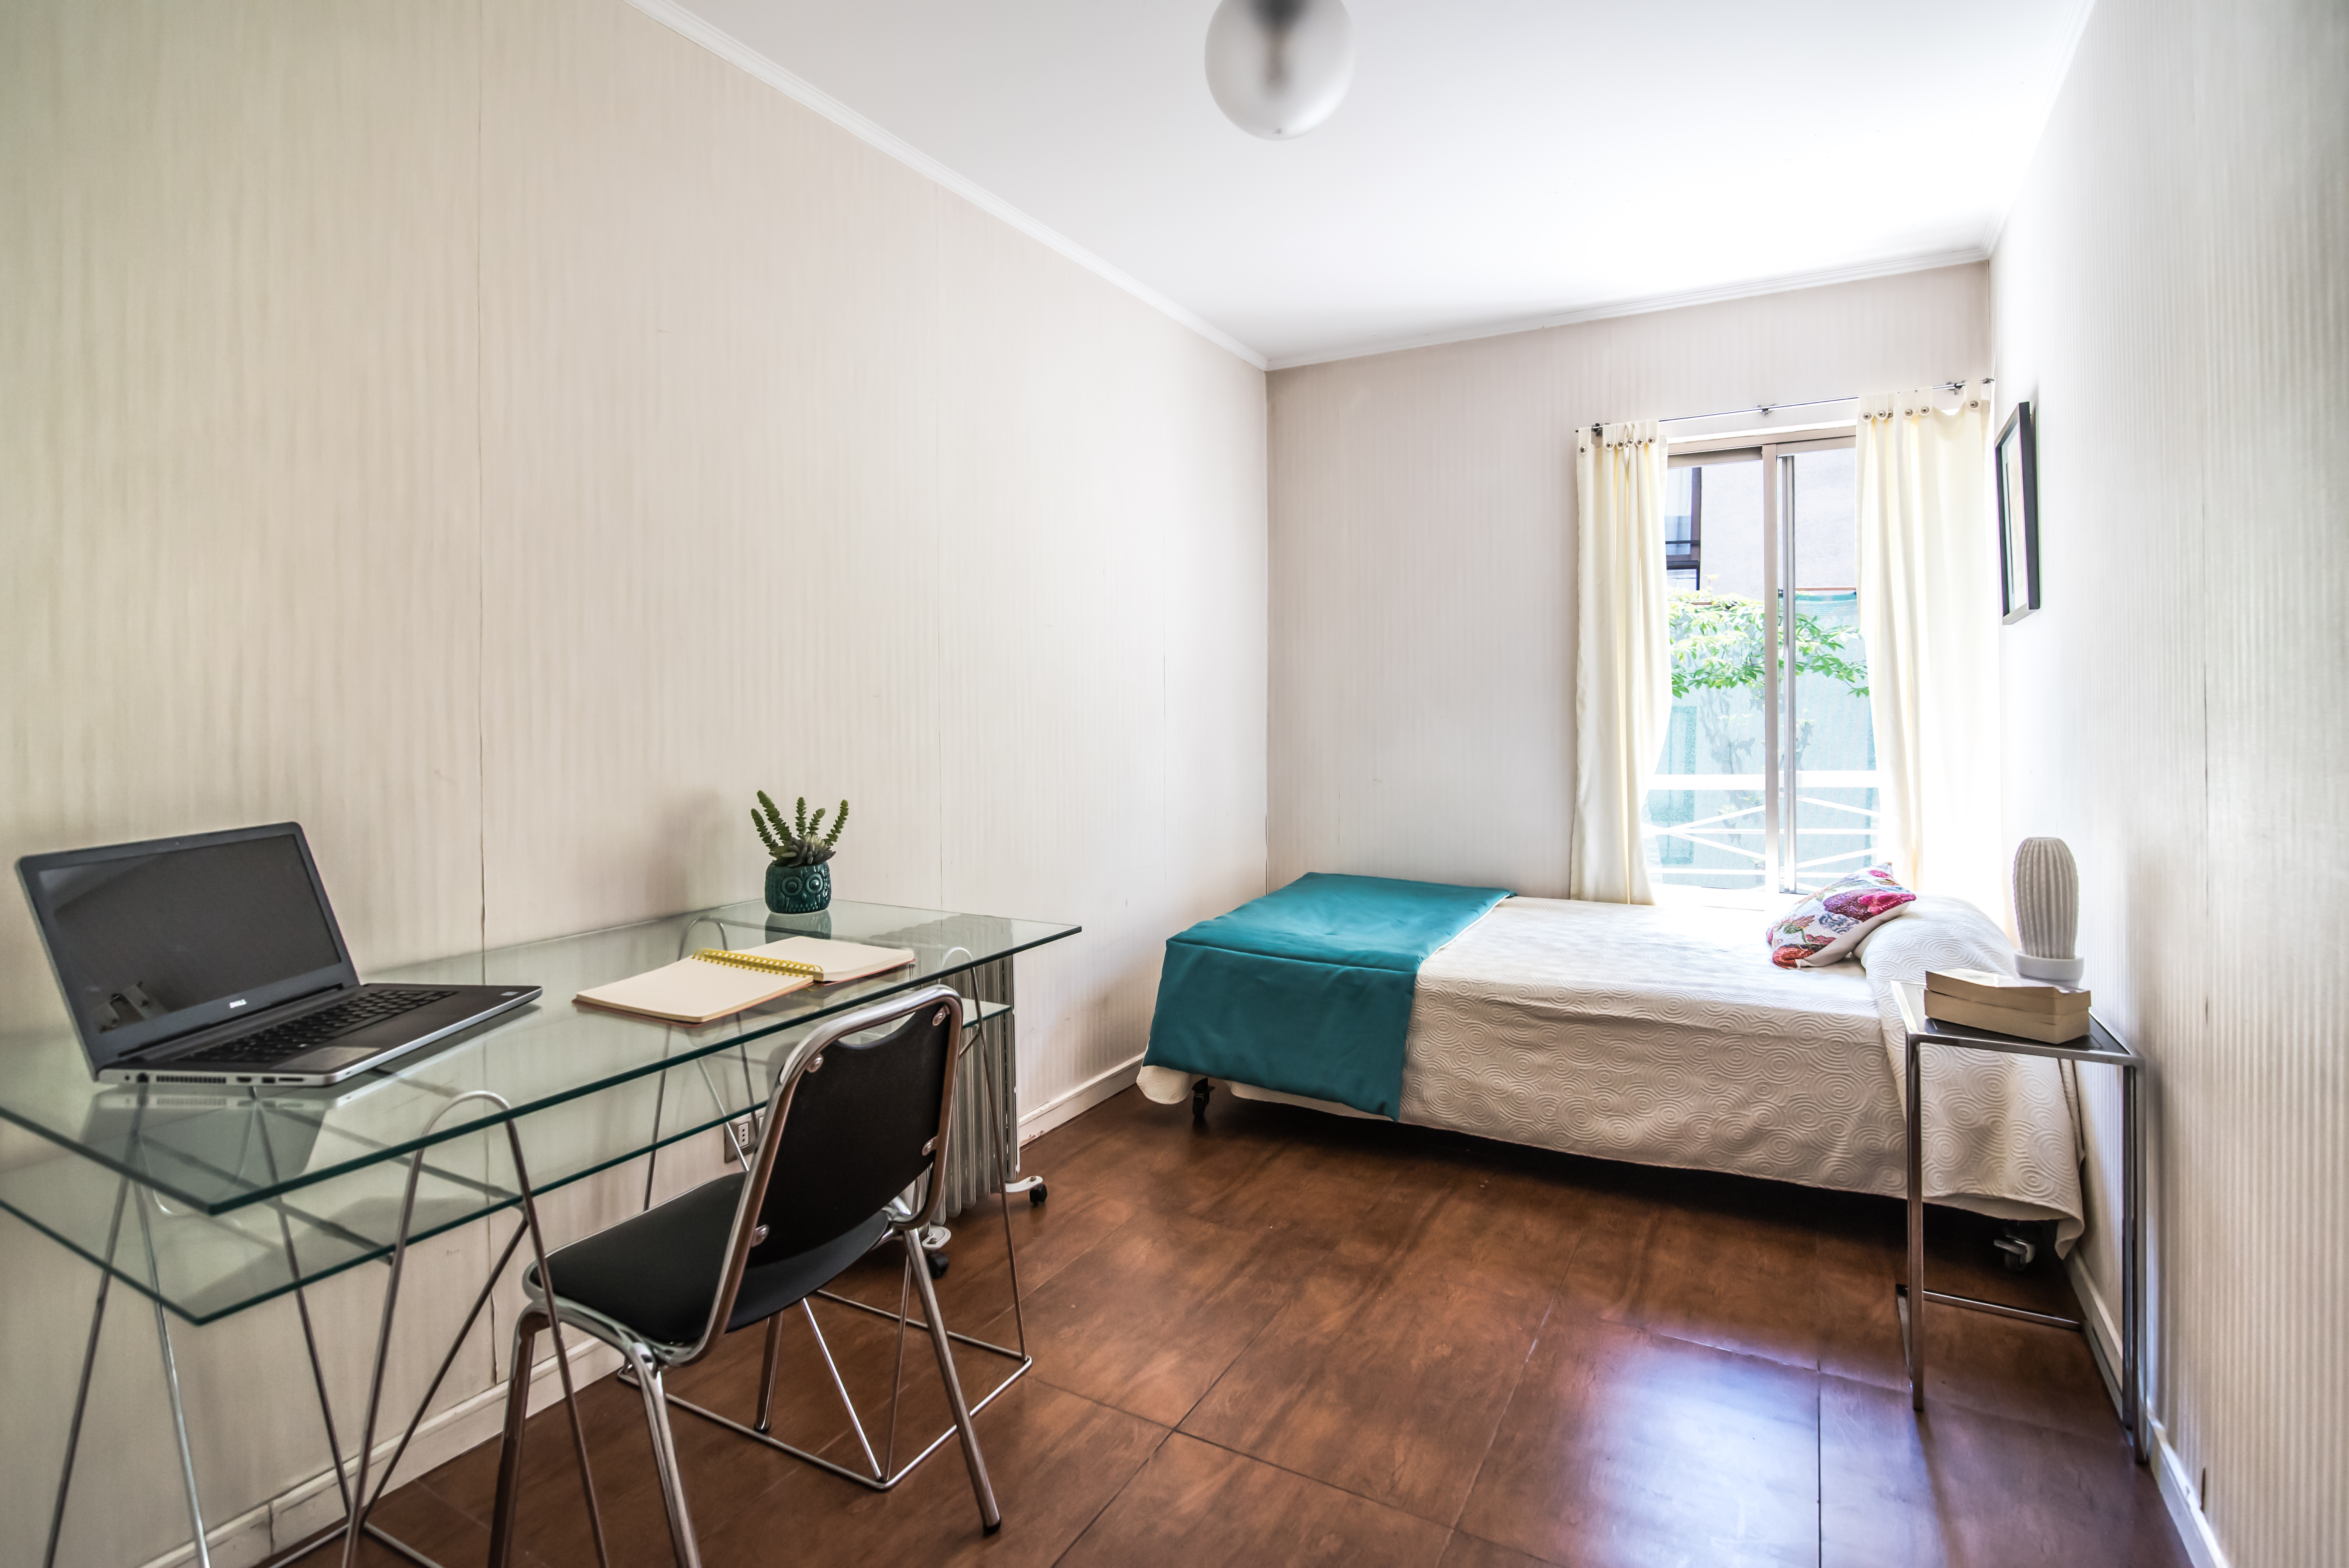 Residencias exclusiva para estudiantes - Providencia